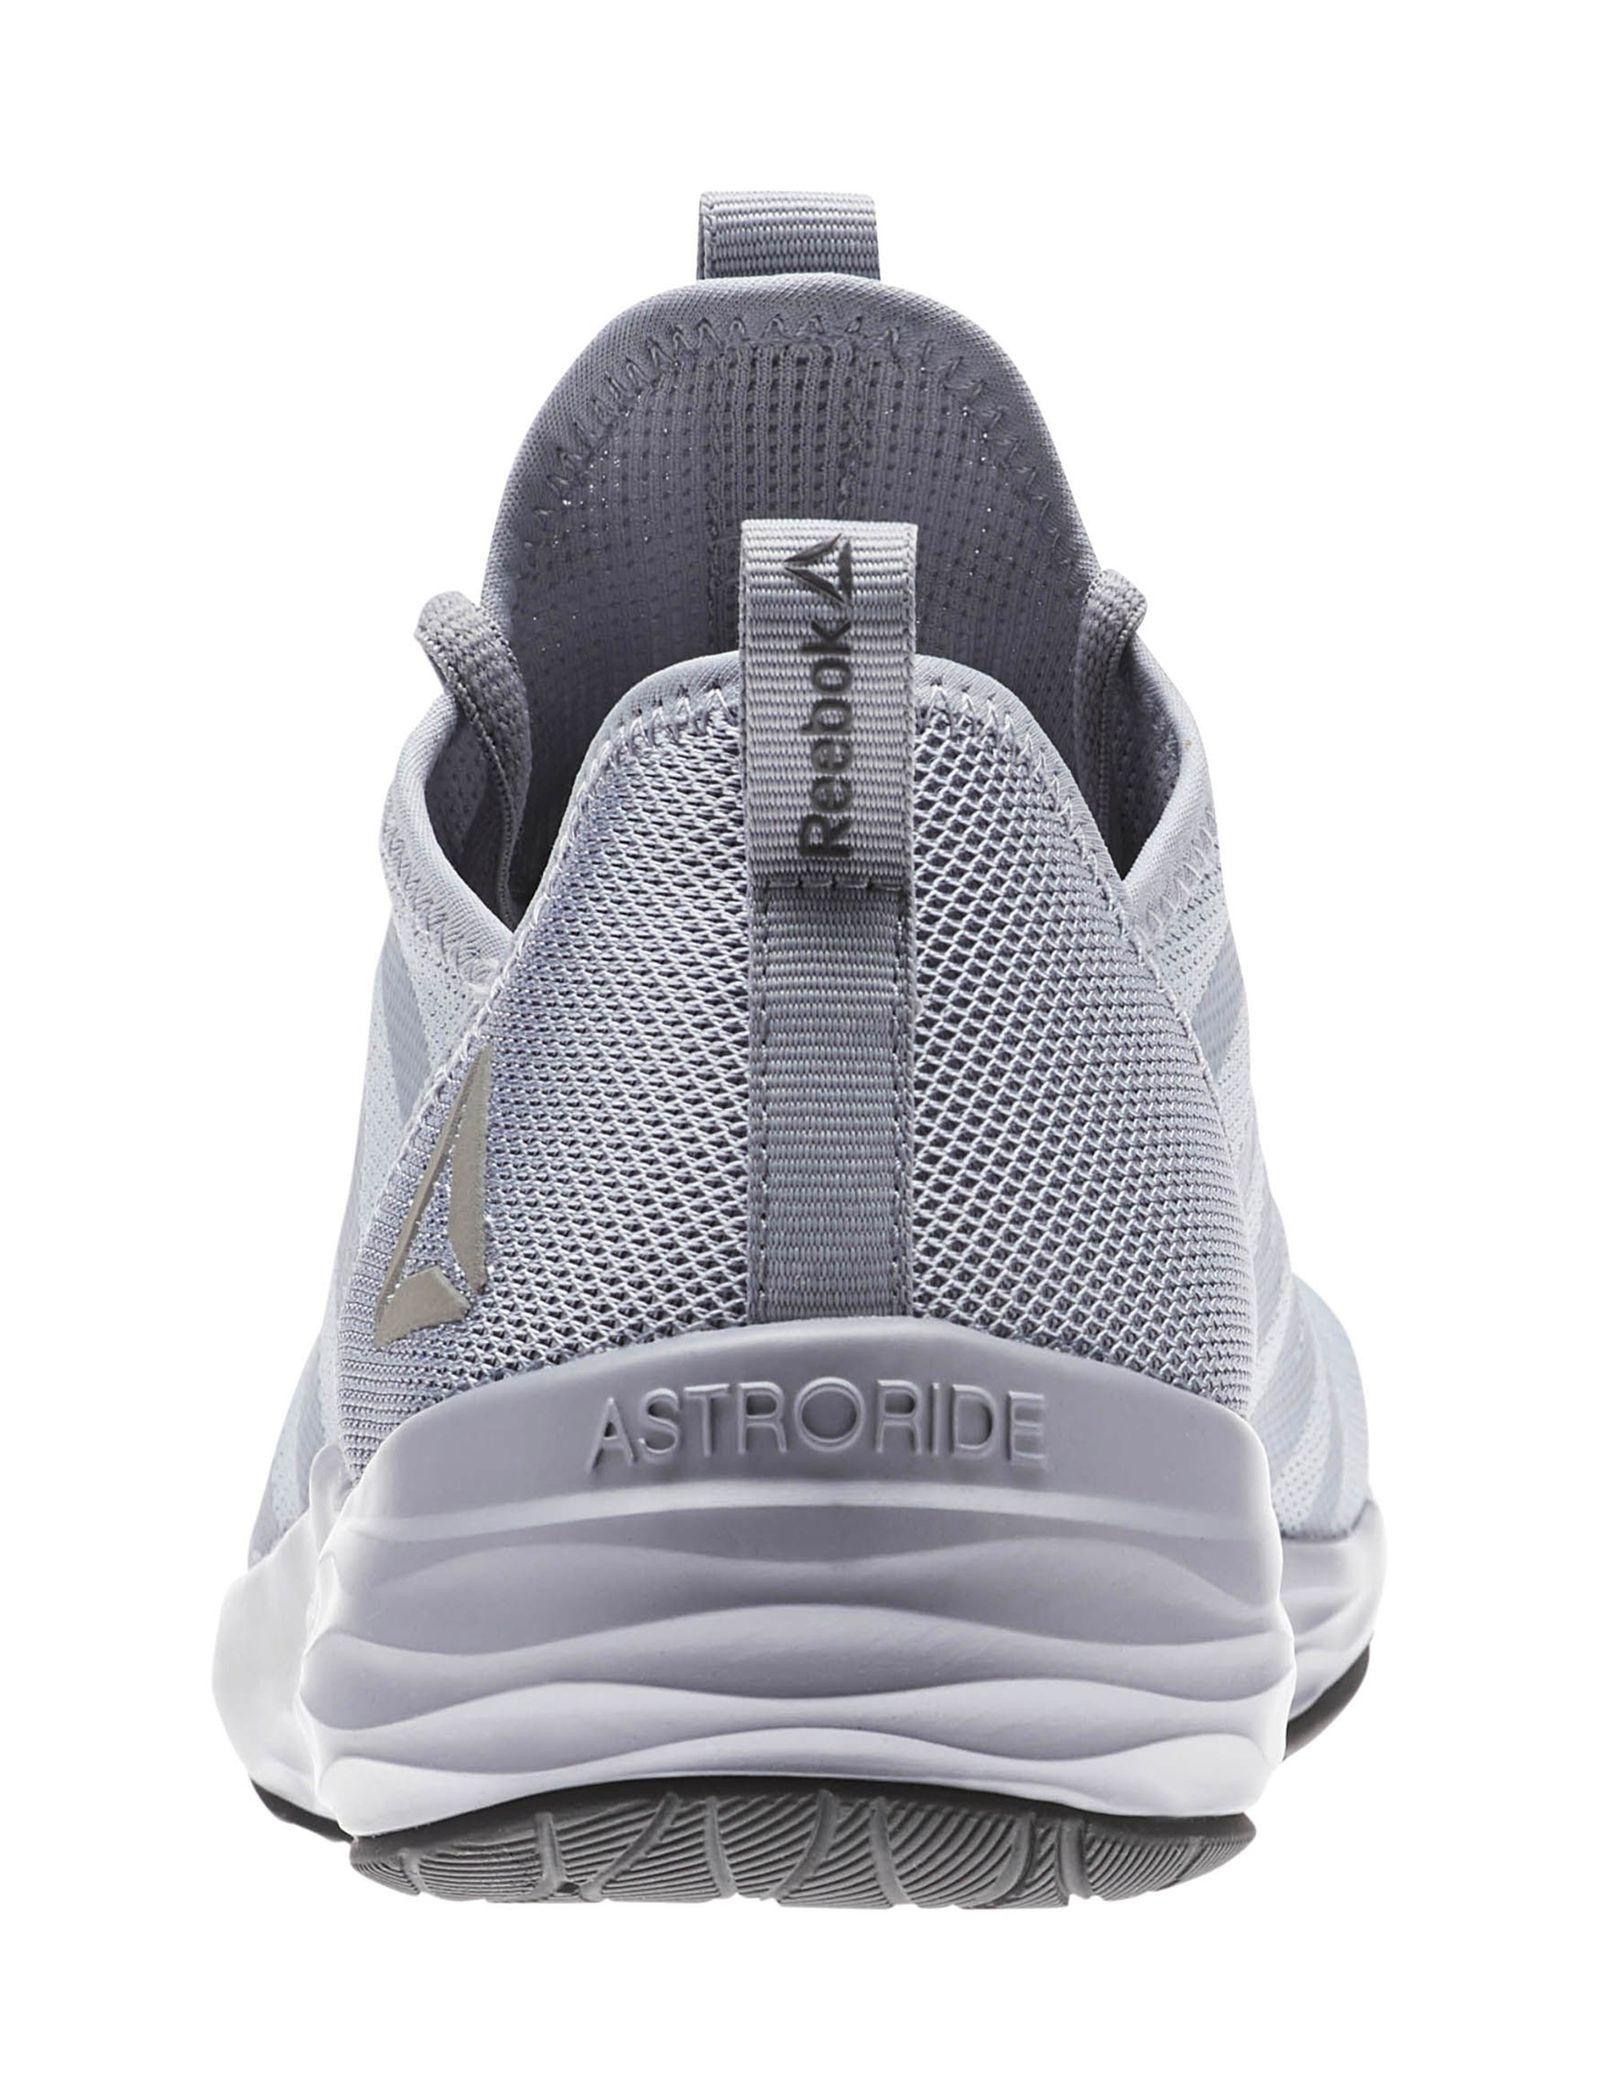 کفش دویدن بندی مردانه Astroride Future - ریباک - طوسي - 5